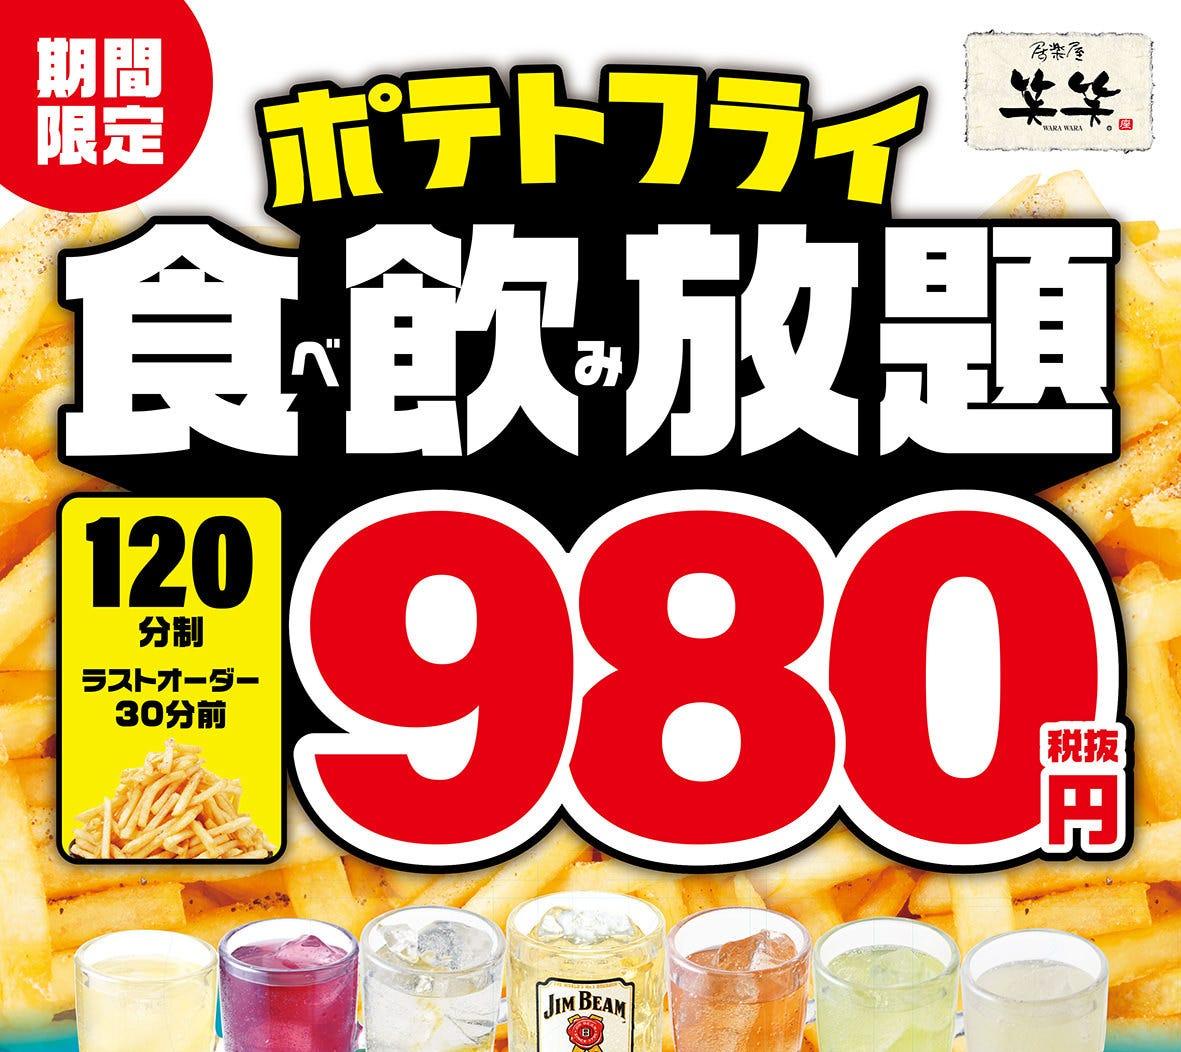 【期間限定】ポテトフライ食べ飲み放題【980円(税抜)~】